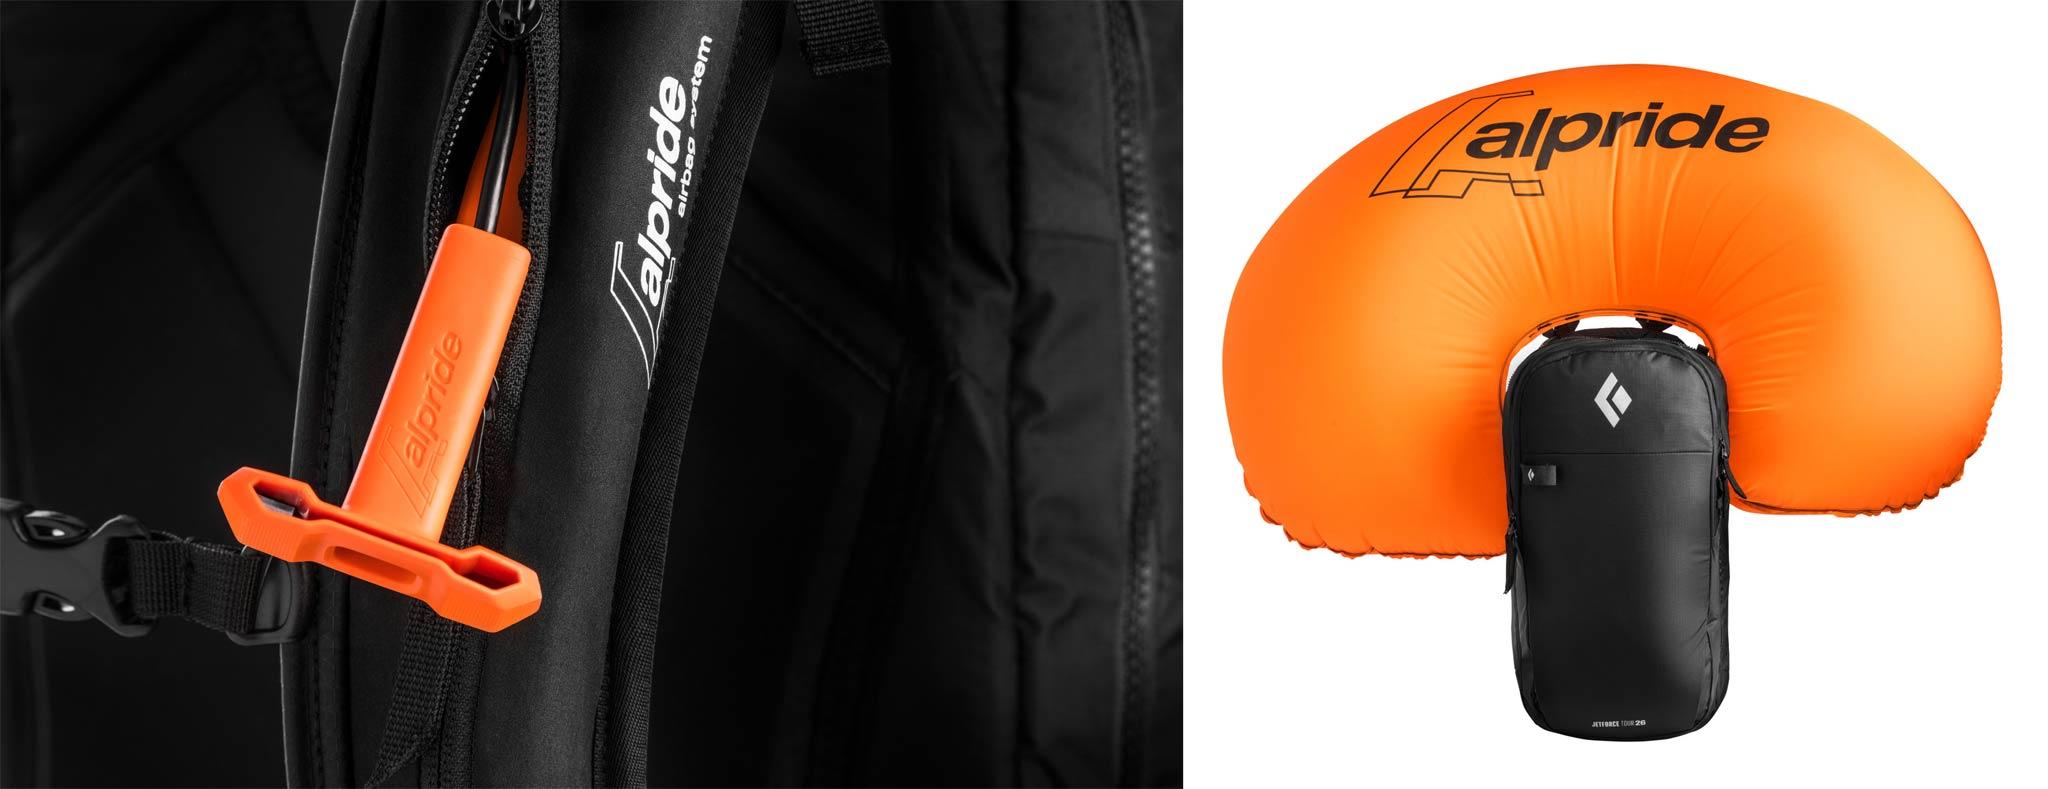 Der Auslösegriff am Black Diamond Jetforce Alpride Lawinenrucksack sowie der Rucksack mit augelöstem Lawinenairbag.